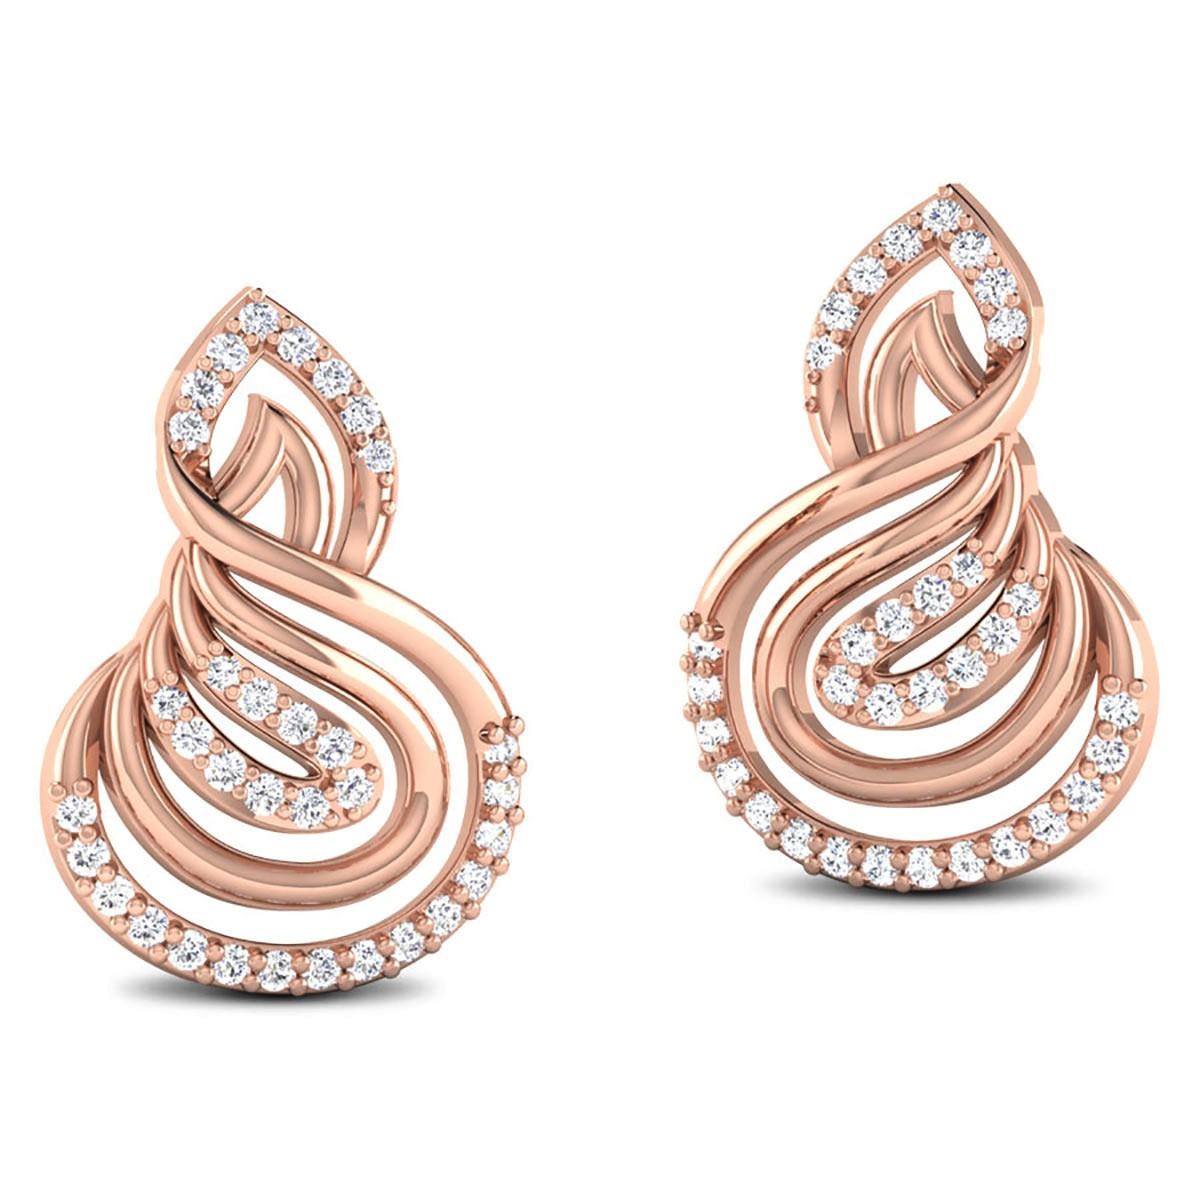 Chicha Diamond Stud Earrings